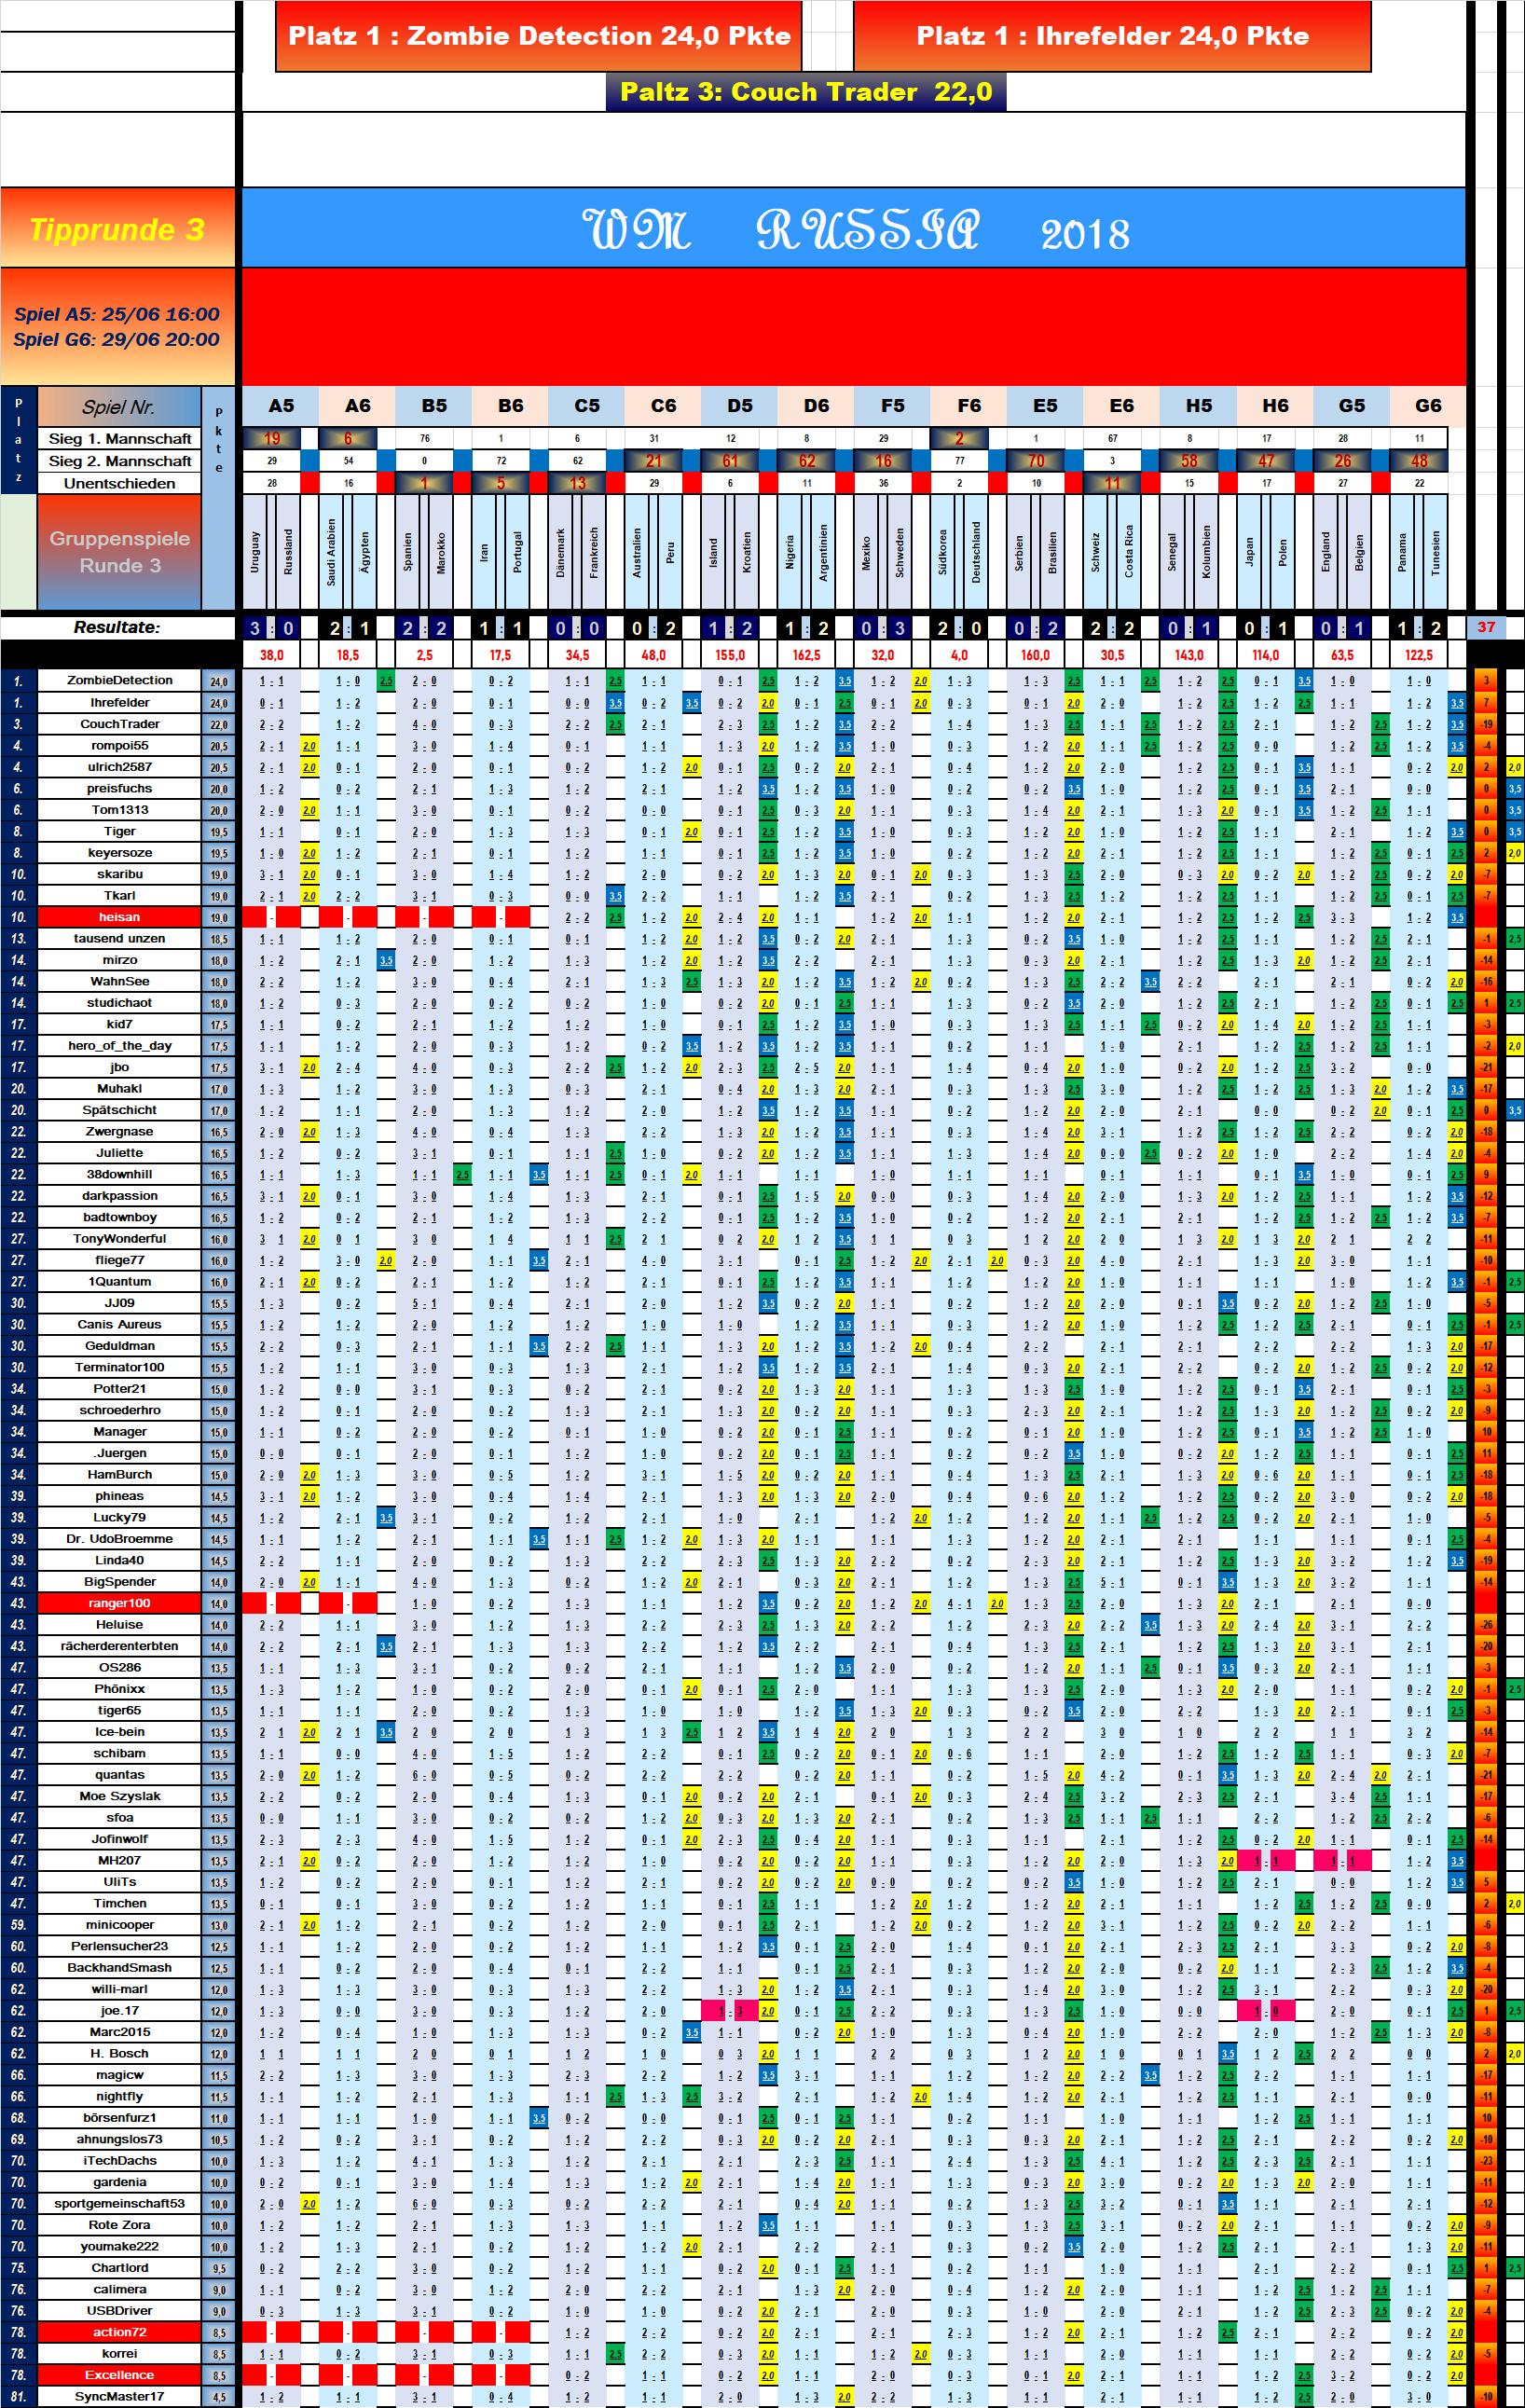 tabelle_vorrunde_3_spiel_16.png